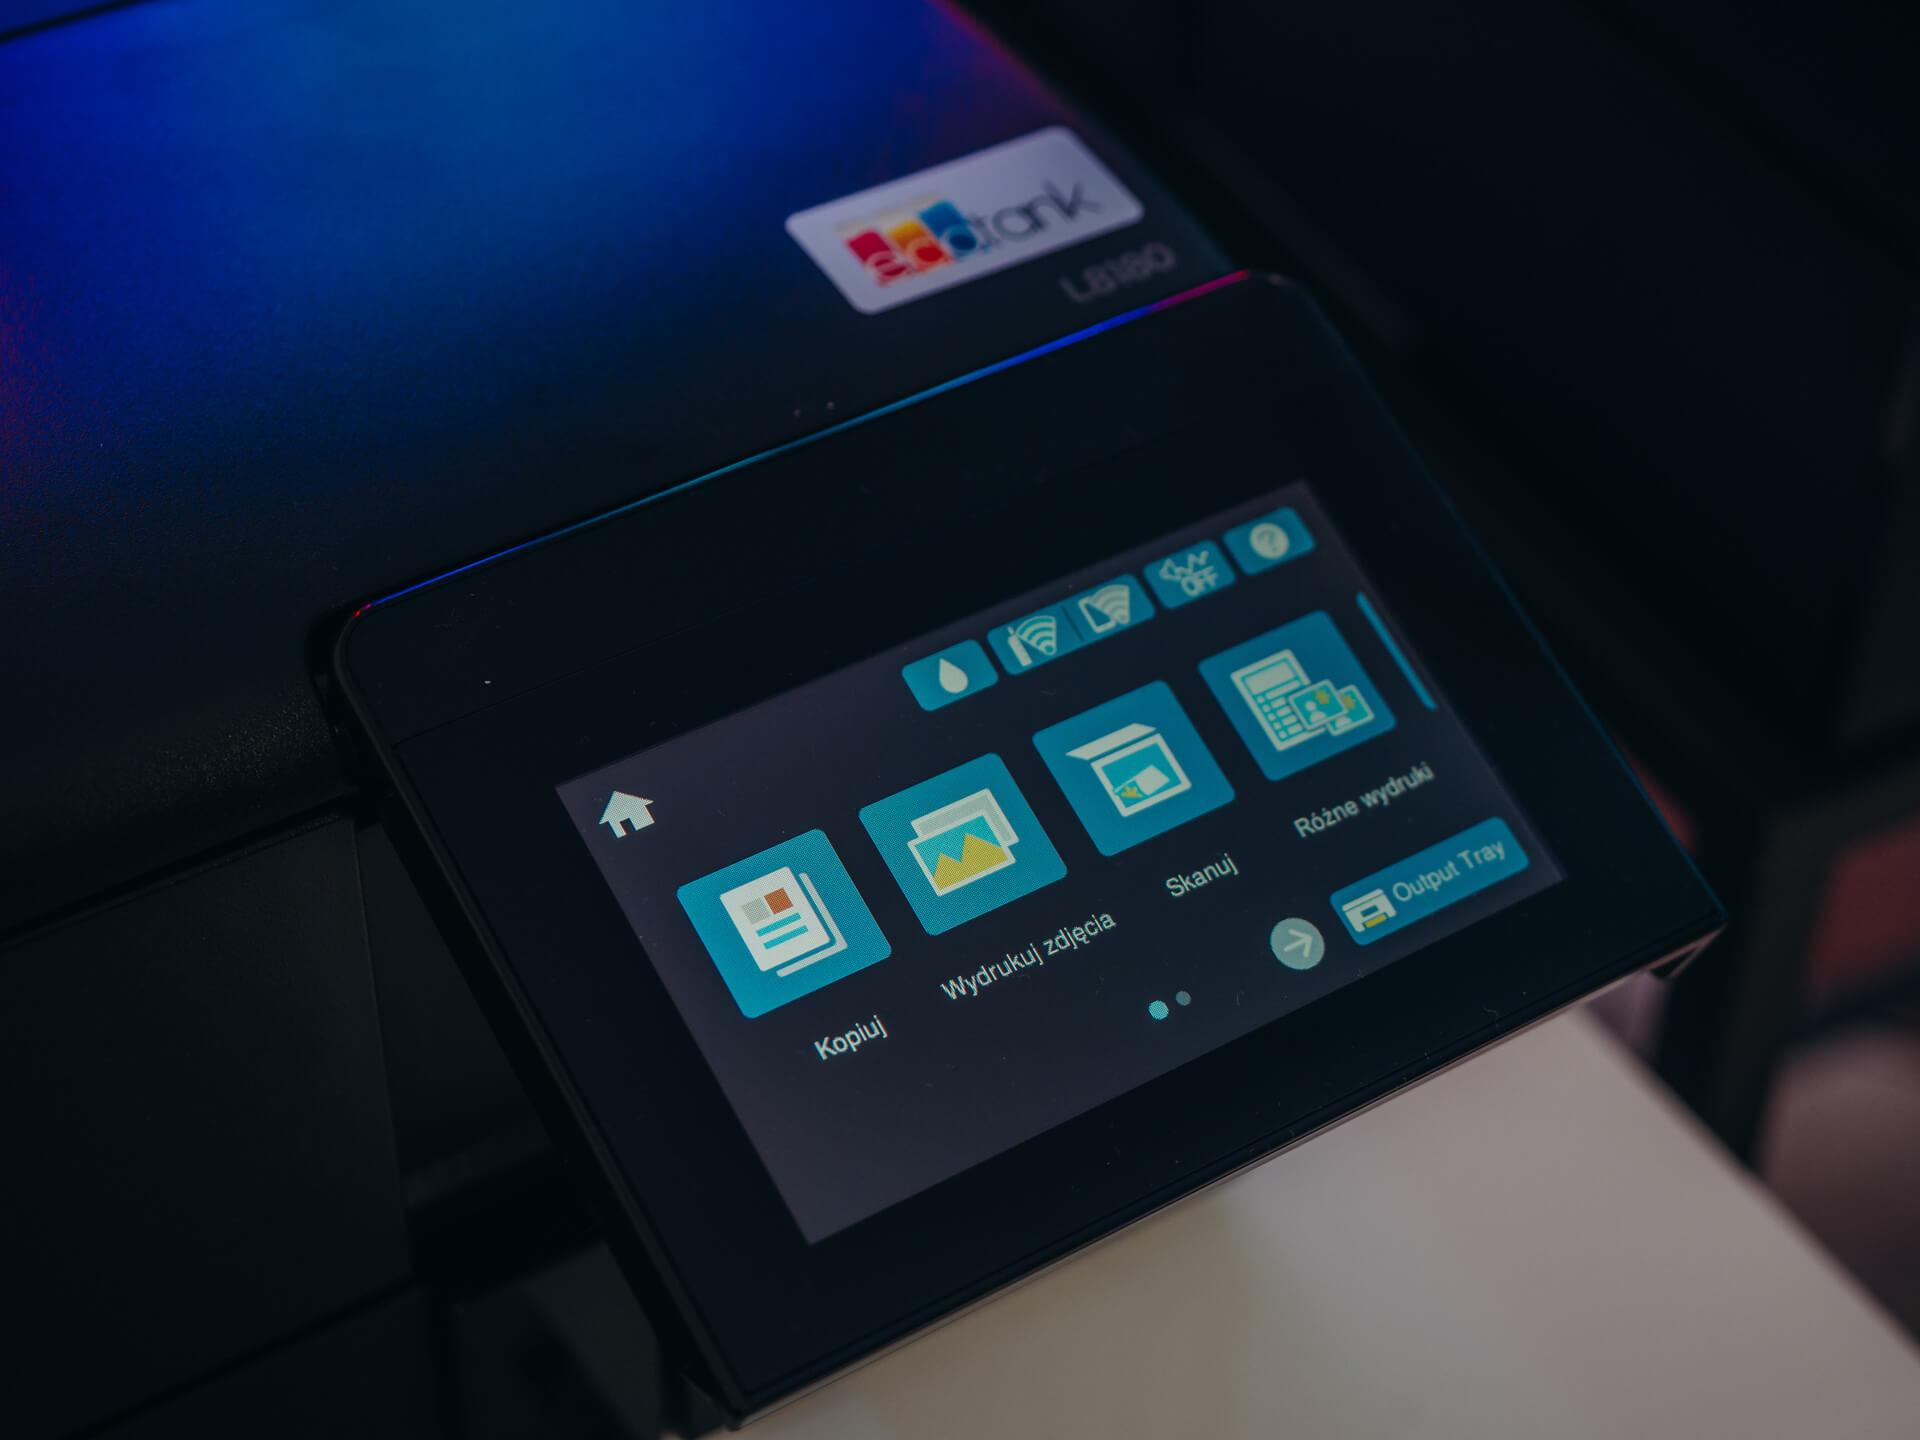 Ekran dotykowy w drukarce Epson EcoTank L8180.